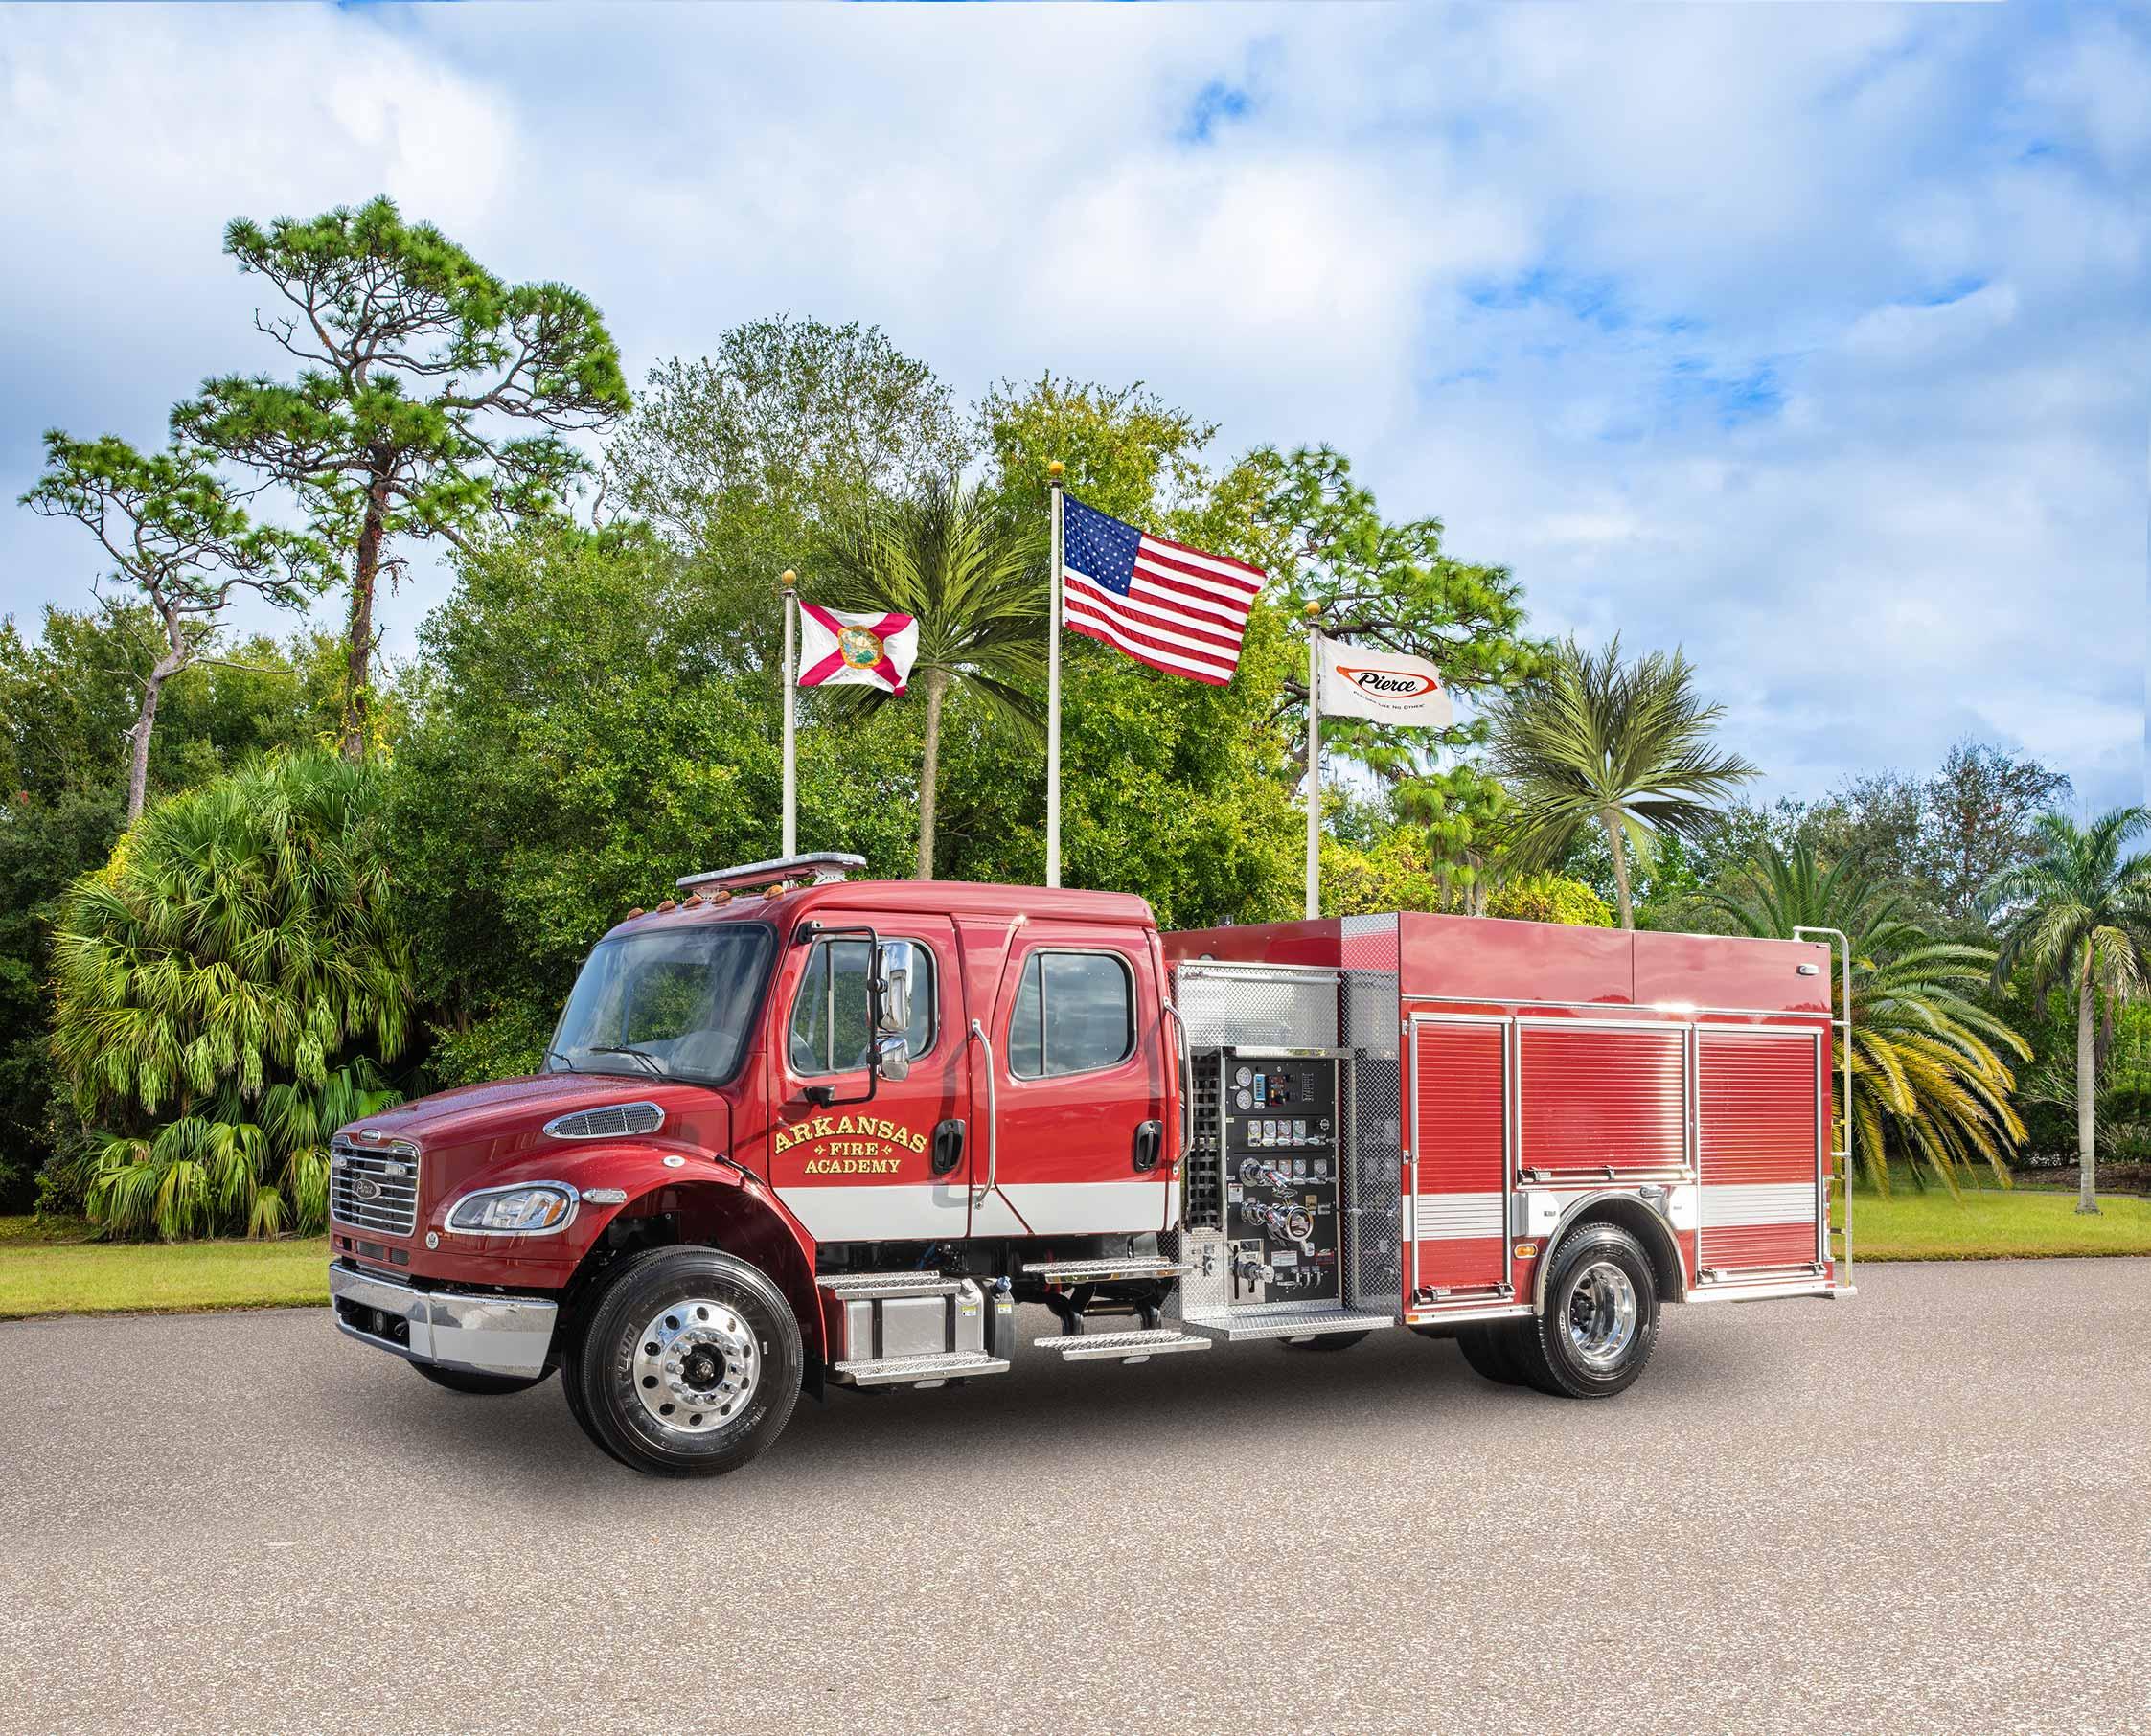 Arkansas Fire Training Academy - Pumper